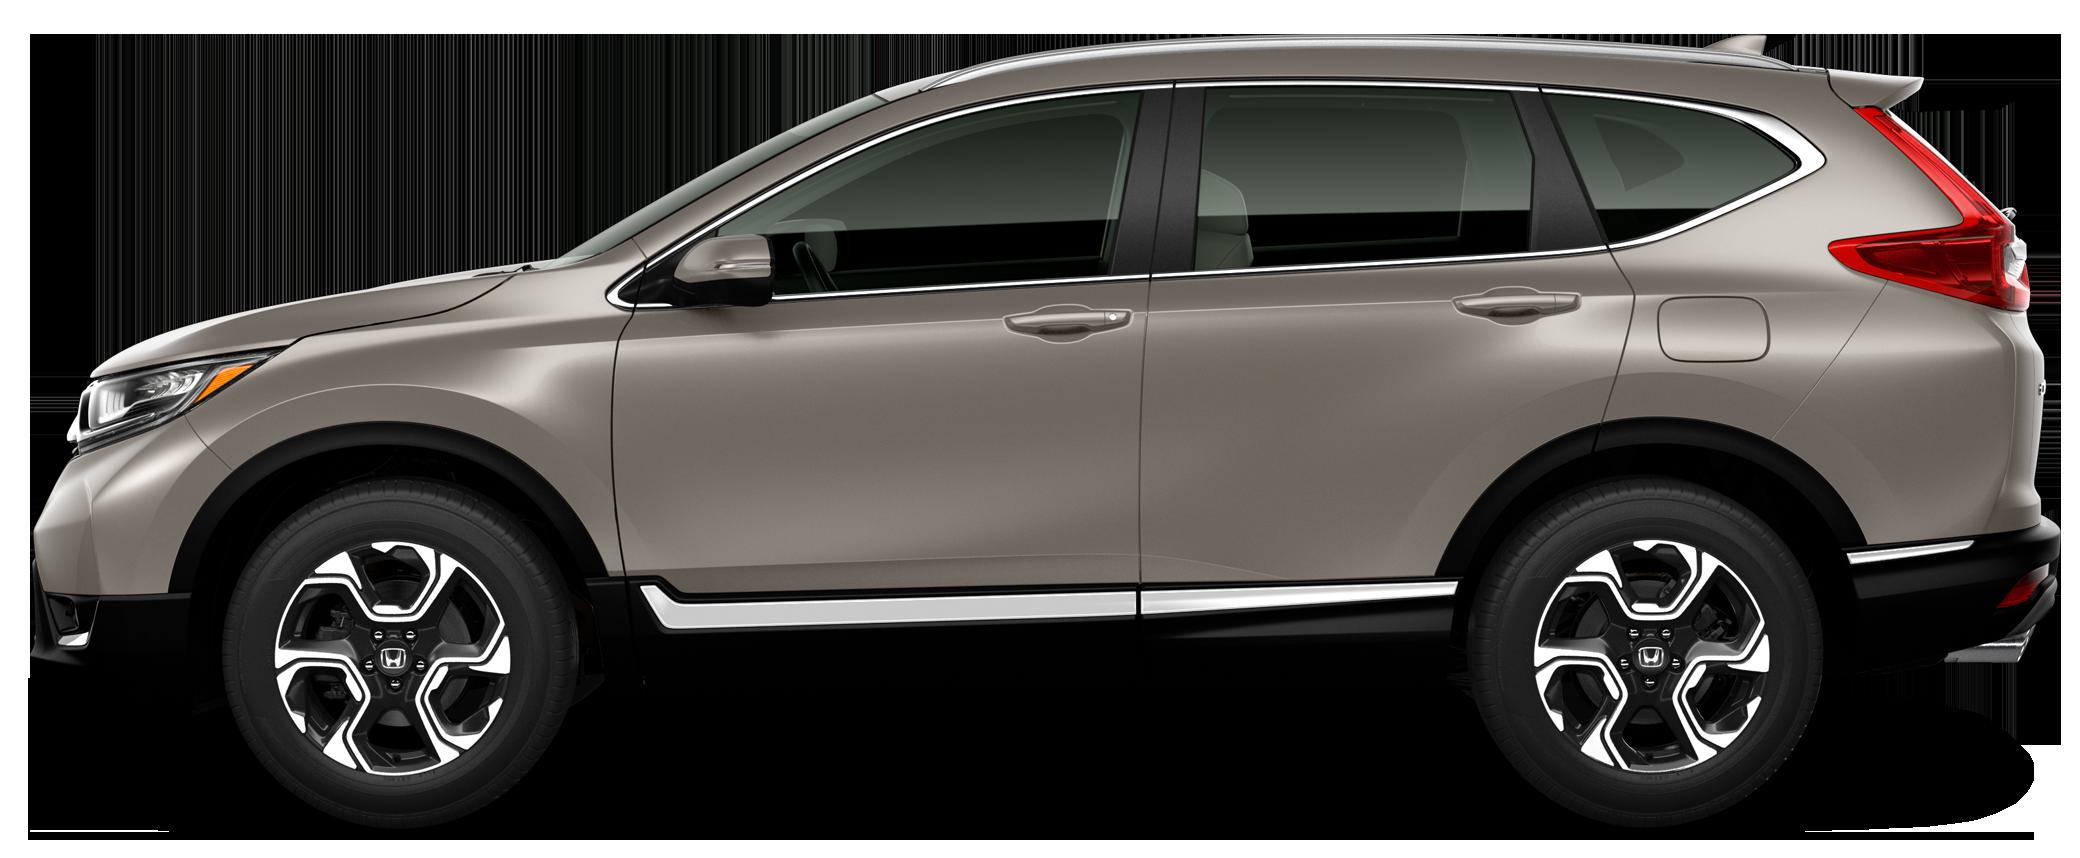 New Honda CR-V at Poway Honda